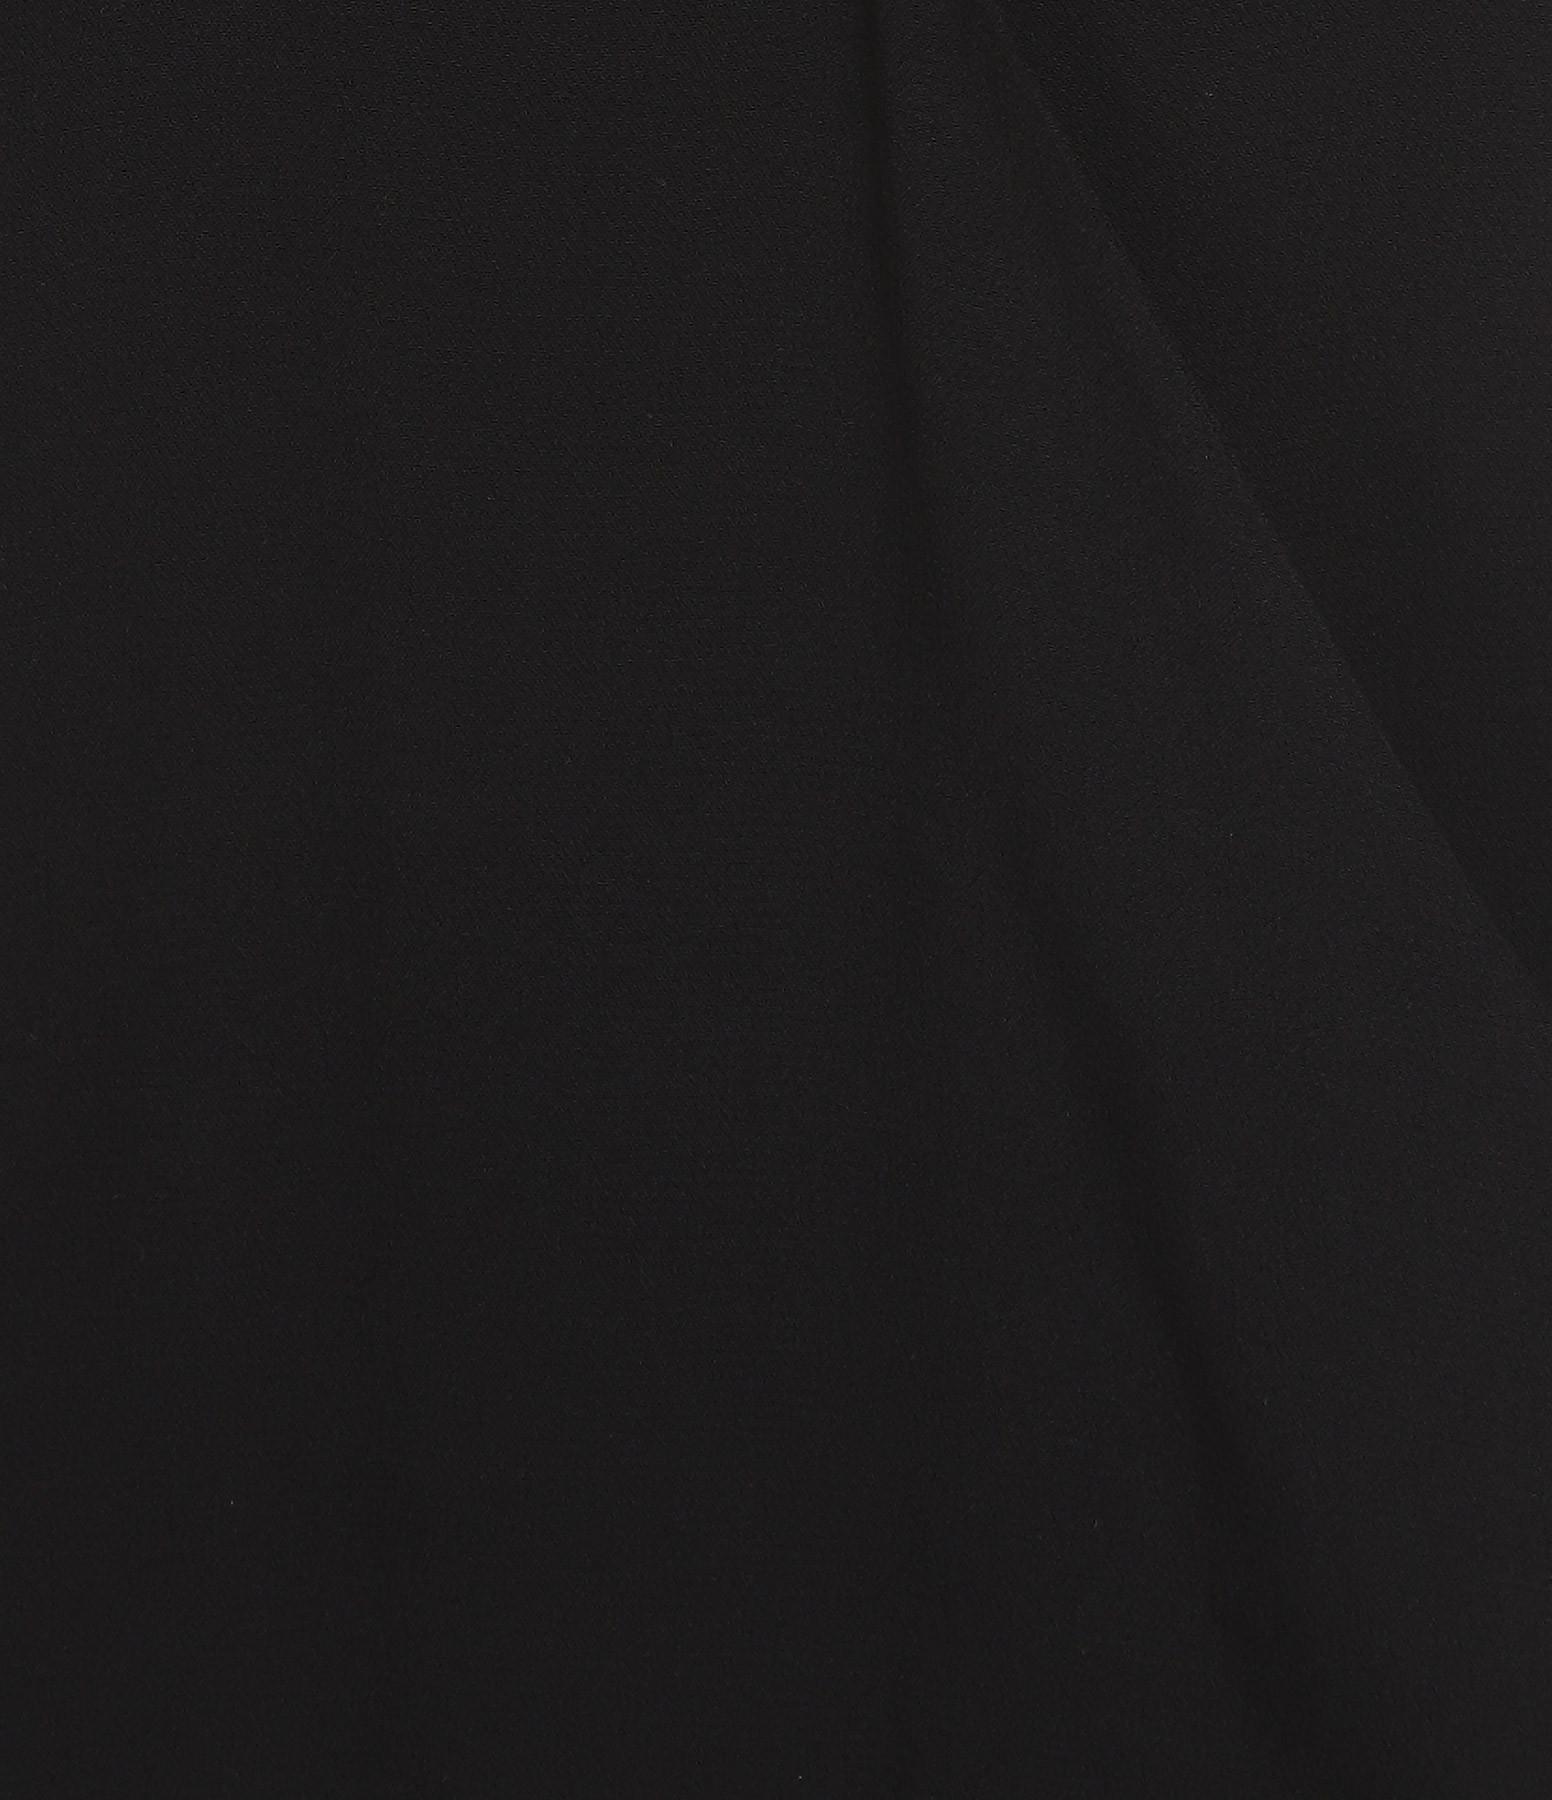 MAEVY CONCEPT - Combinaison Lohis Noir